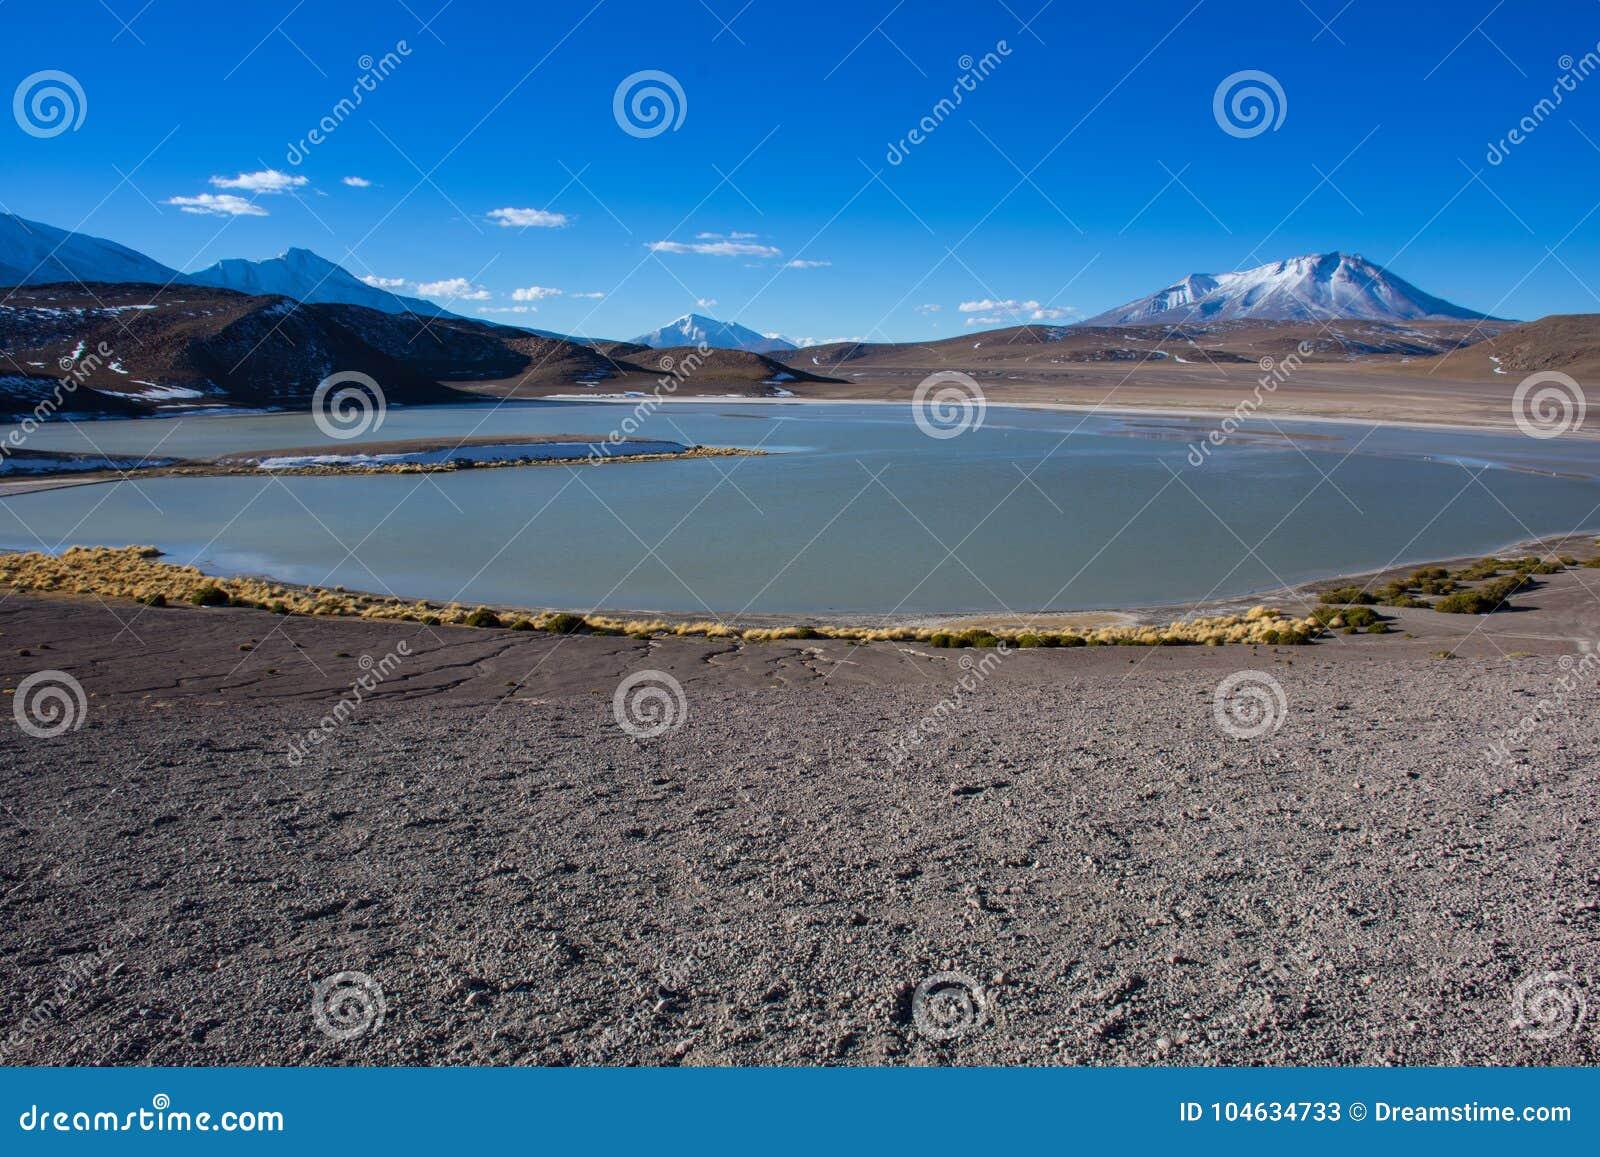 Download Lagune stinkend Bolivië stock afbeelding. Afbeelding bestaande uit toerist - 104634733